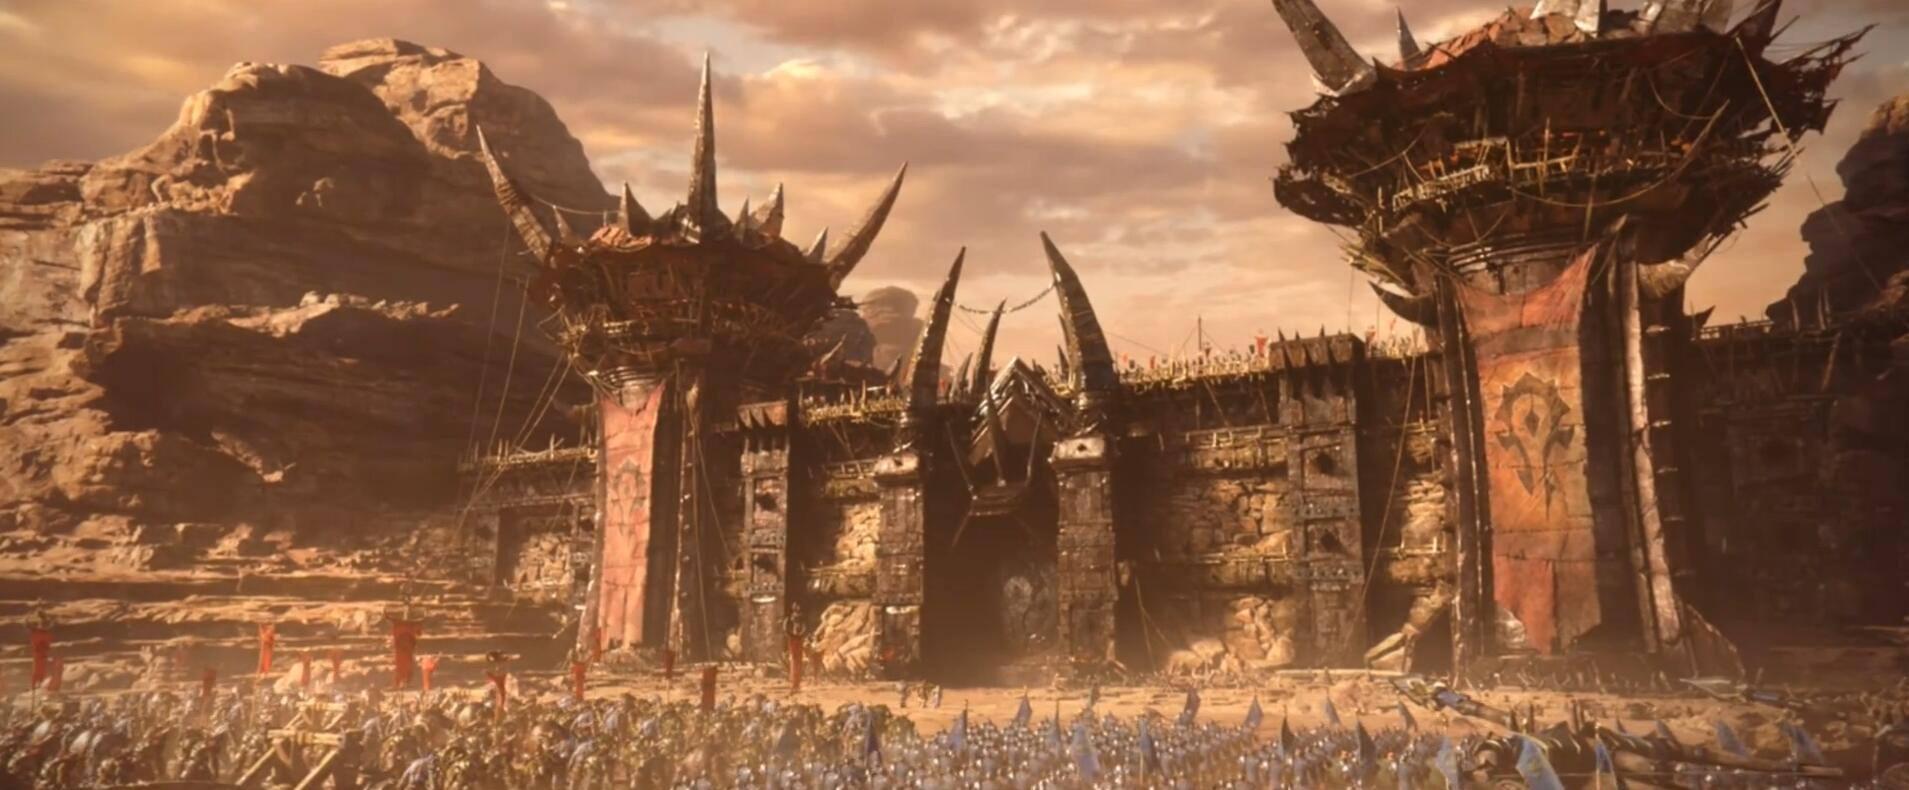 魔兽世界8.25新角色登场,为后续版本铺垫,新种族光铸亡灵?